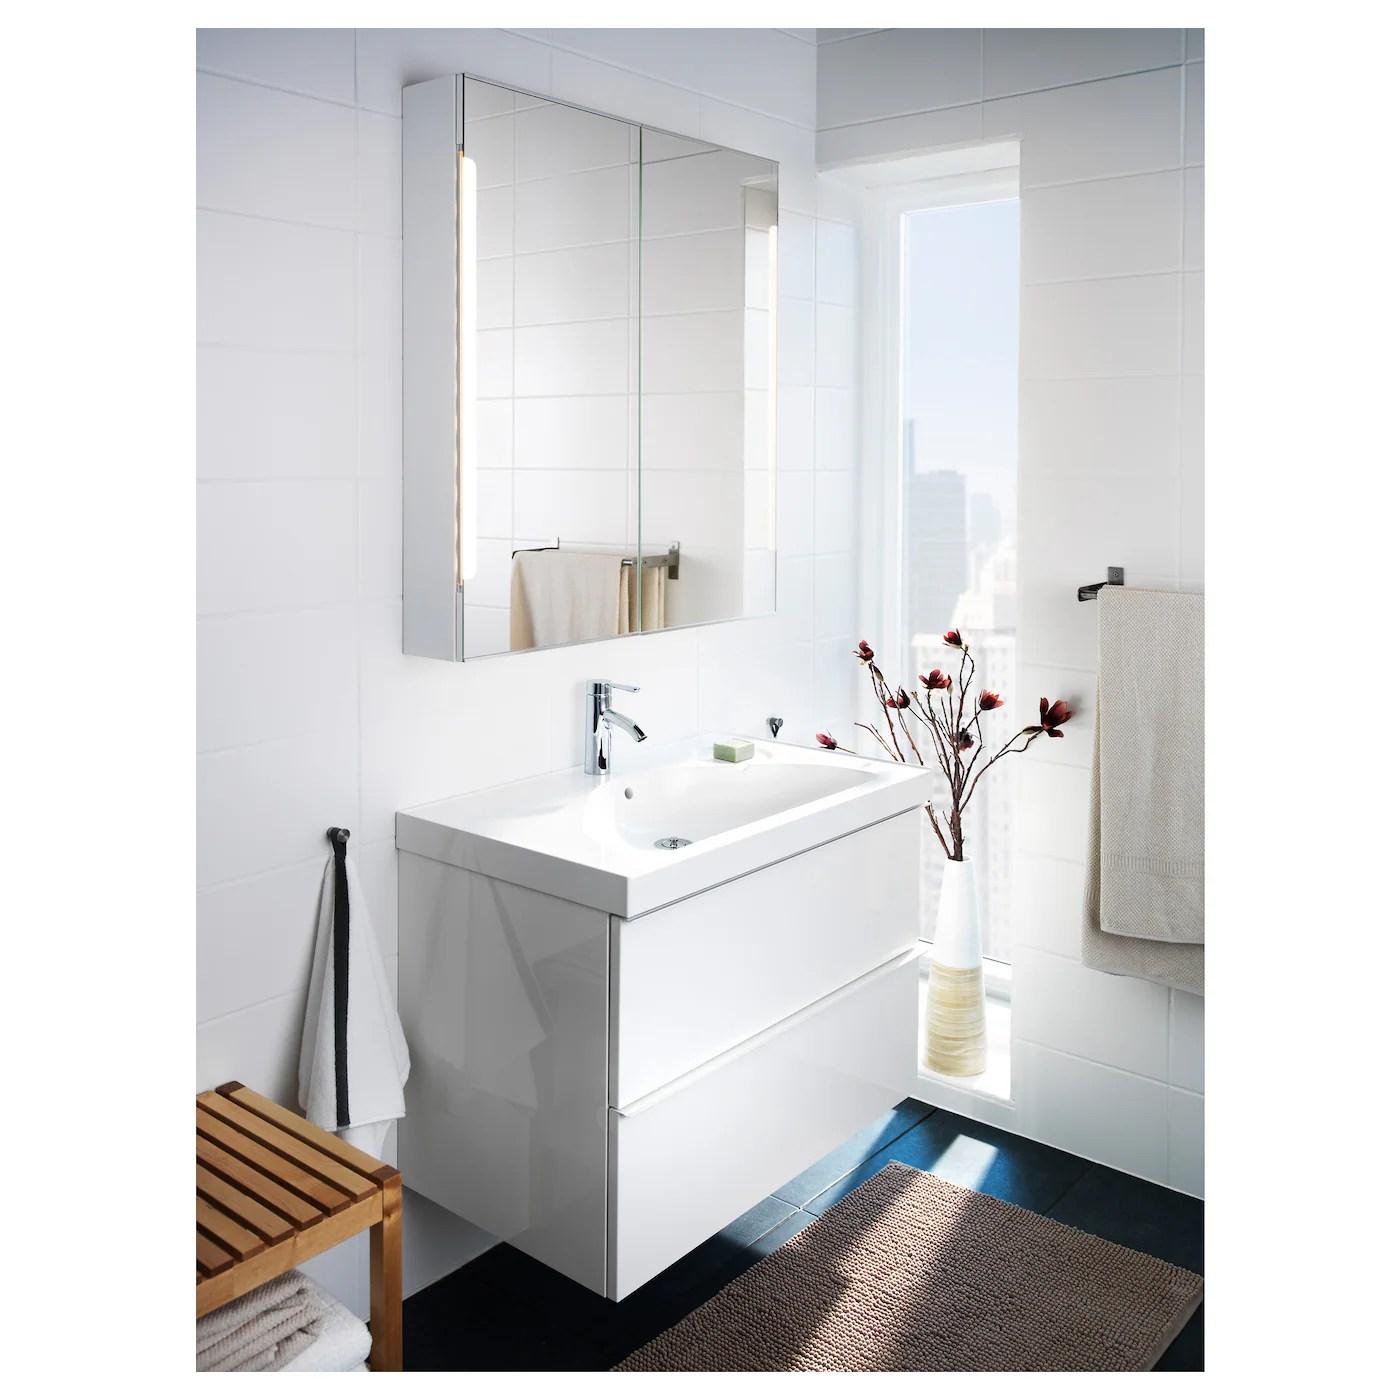 Storjorm Armoire Miroir 2pte Eclairage Int Blanc 80x14x96cm Magasinez Ici Ikea